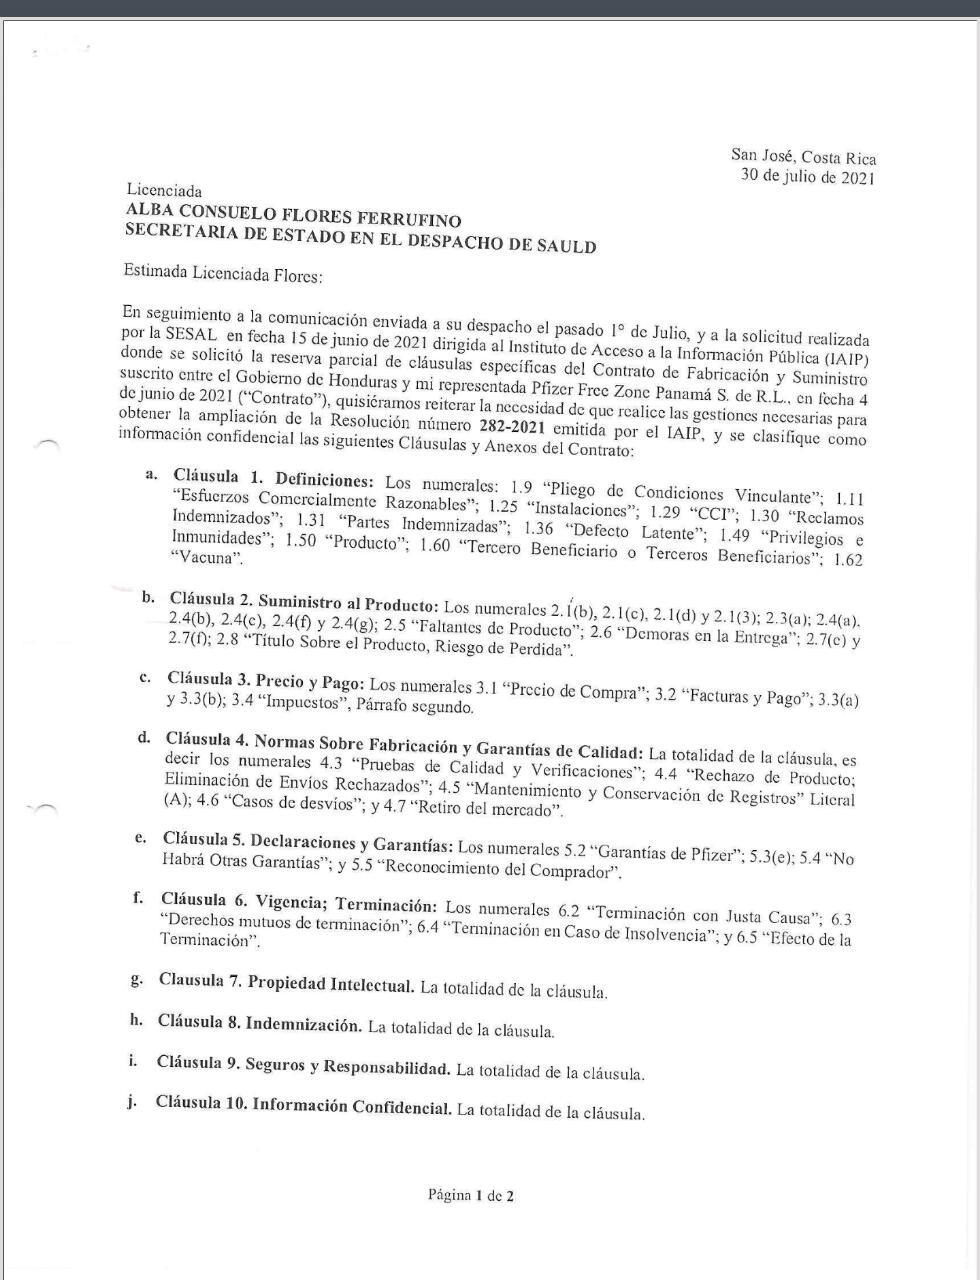 La segunda carta detalla cuáles son las cláusulas y anexos que deben permanecer en secreto.